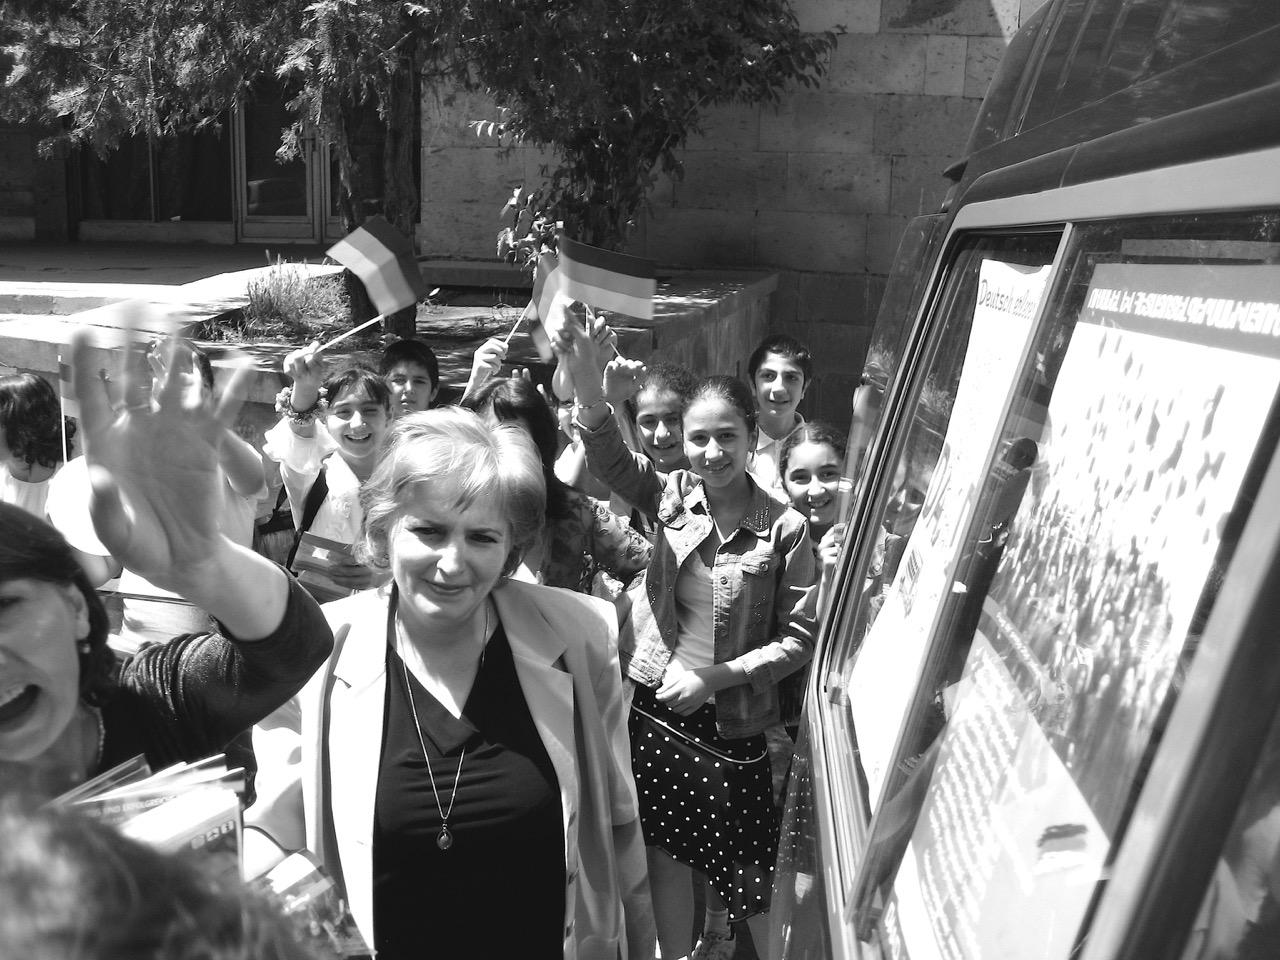 Foto: Auf Wiedersehen. Auf Wiedersehen. Aus: Eriwan. Kapitel 4. Aufzeichnungen aus Armenien von Marc Degens.